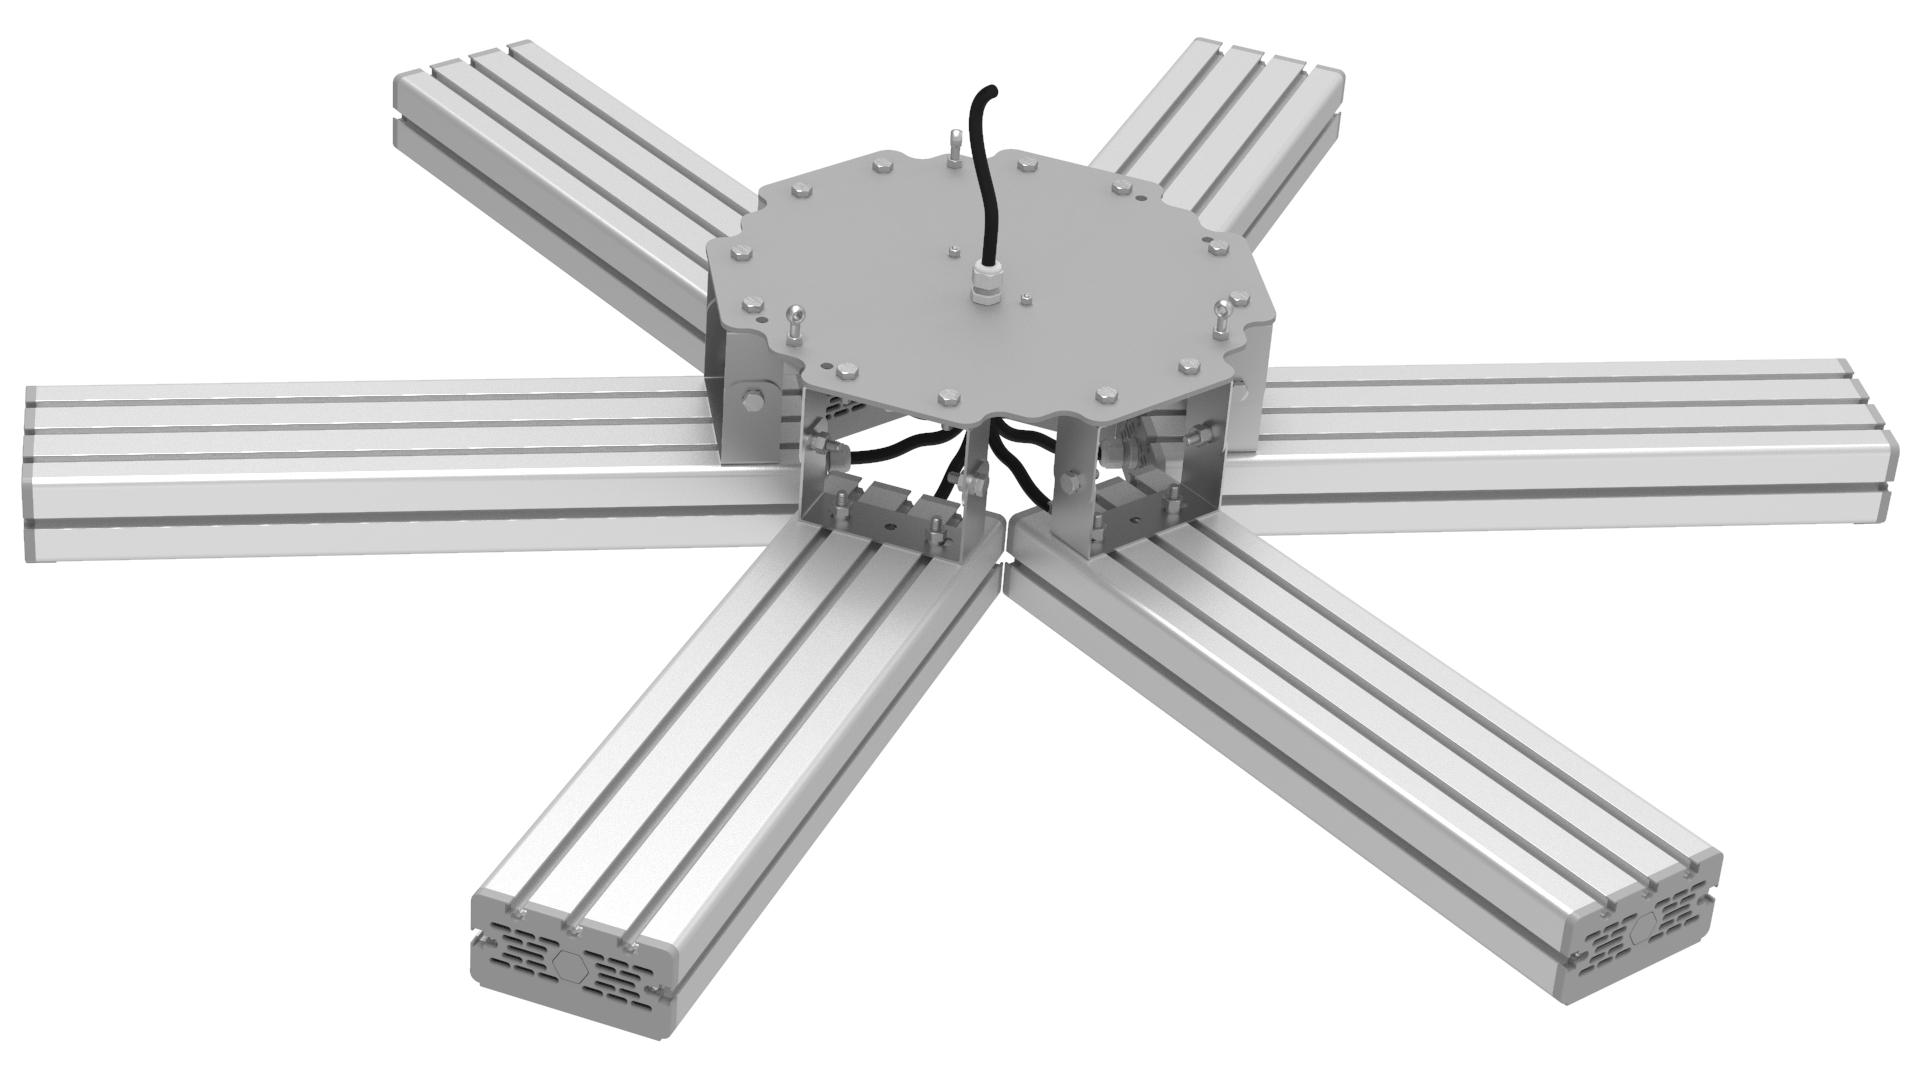 Светильник подвесной Ромашка High-Bay SVT-P-FLOWER-318Вт-12 (с защитой от 380В, трос)